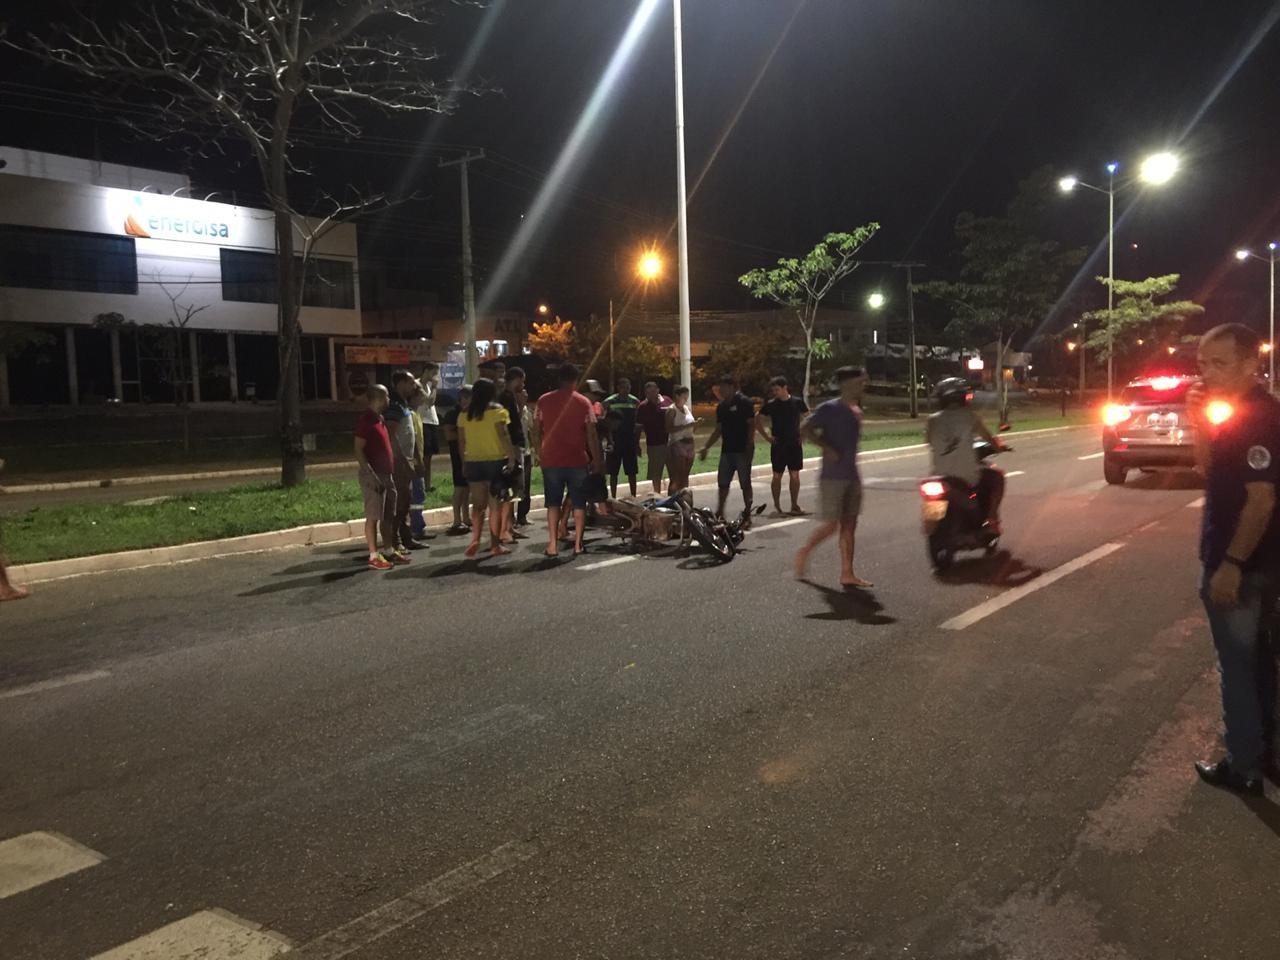 Homem que atropelou motociclista parado em faixa diz que luz de moto estava apagada - Notícias - Plantão Diário